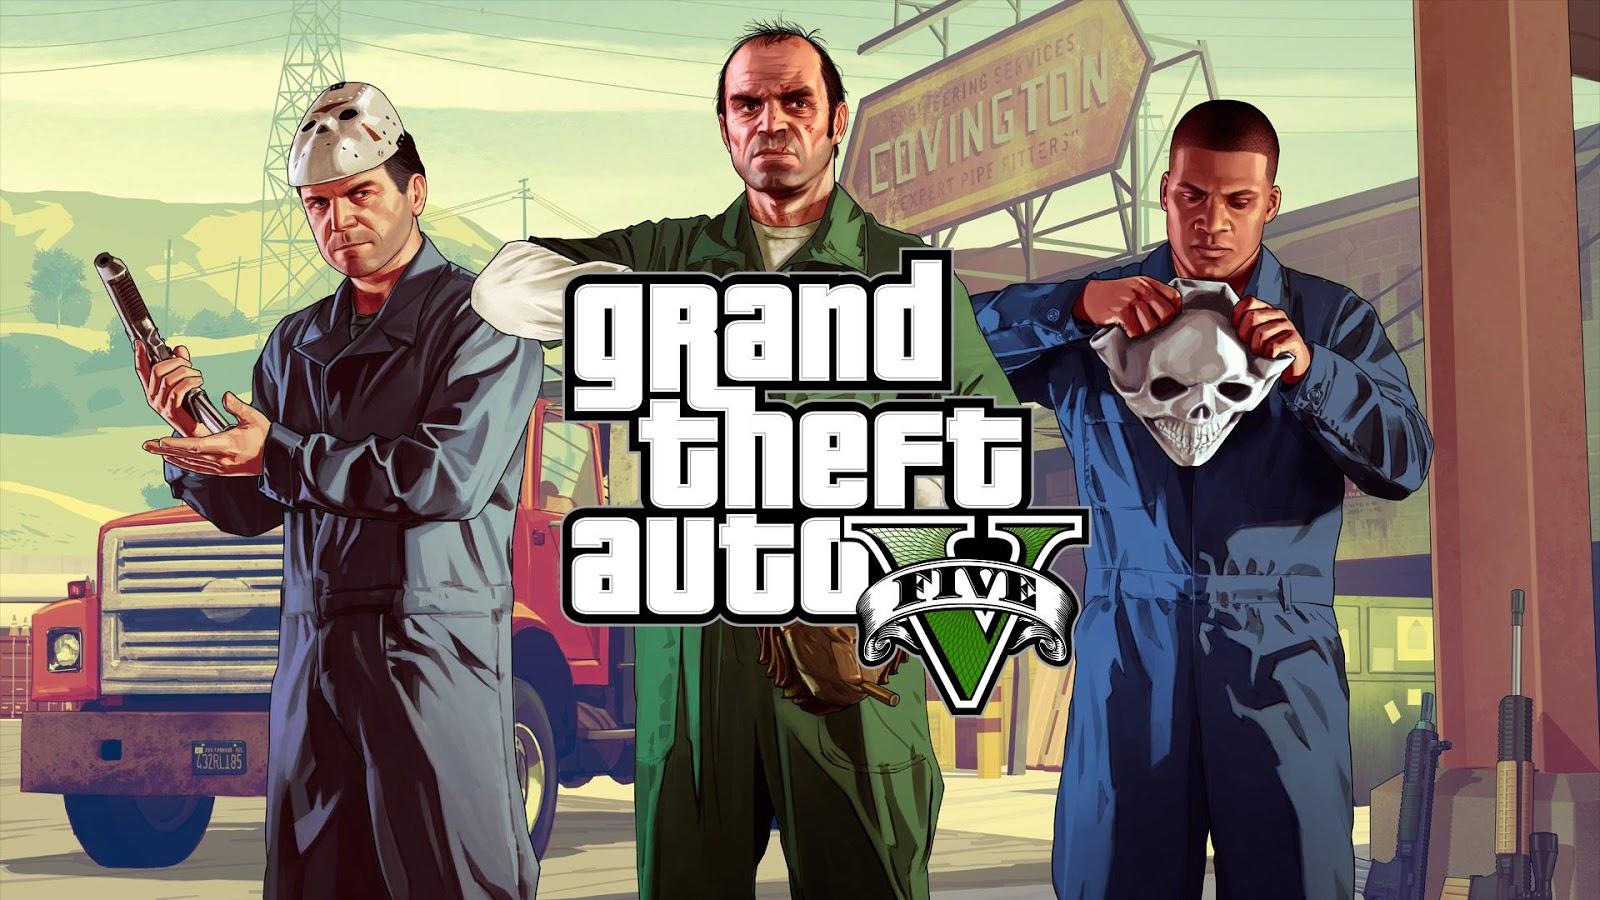 لعبة العصابات والعالم المفتوح لعبة Grand Theft Auto V